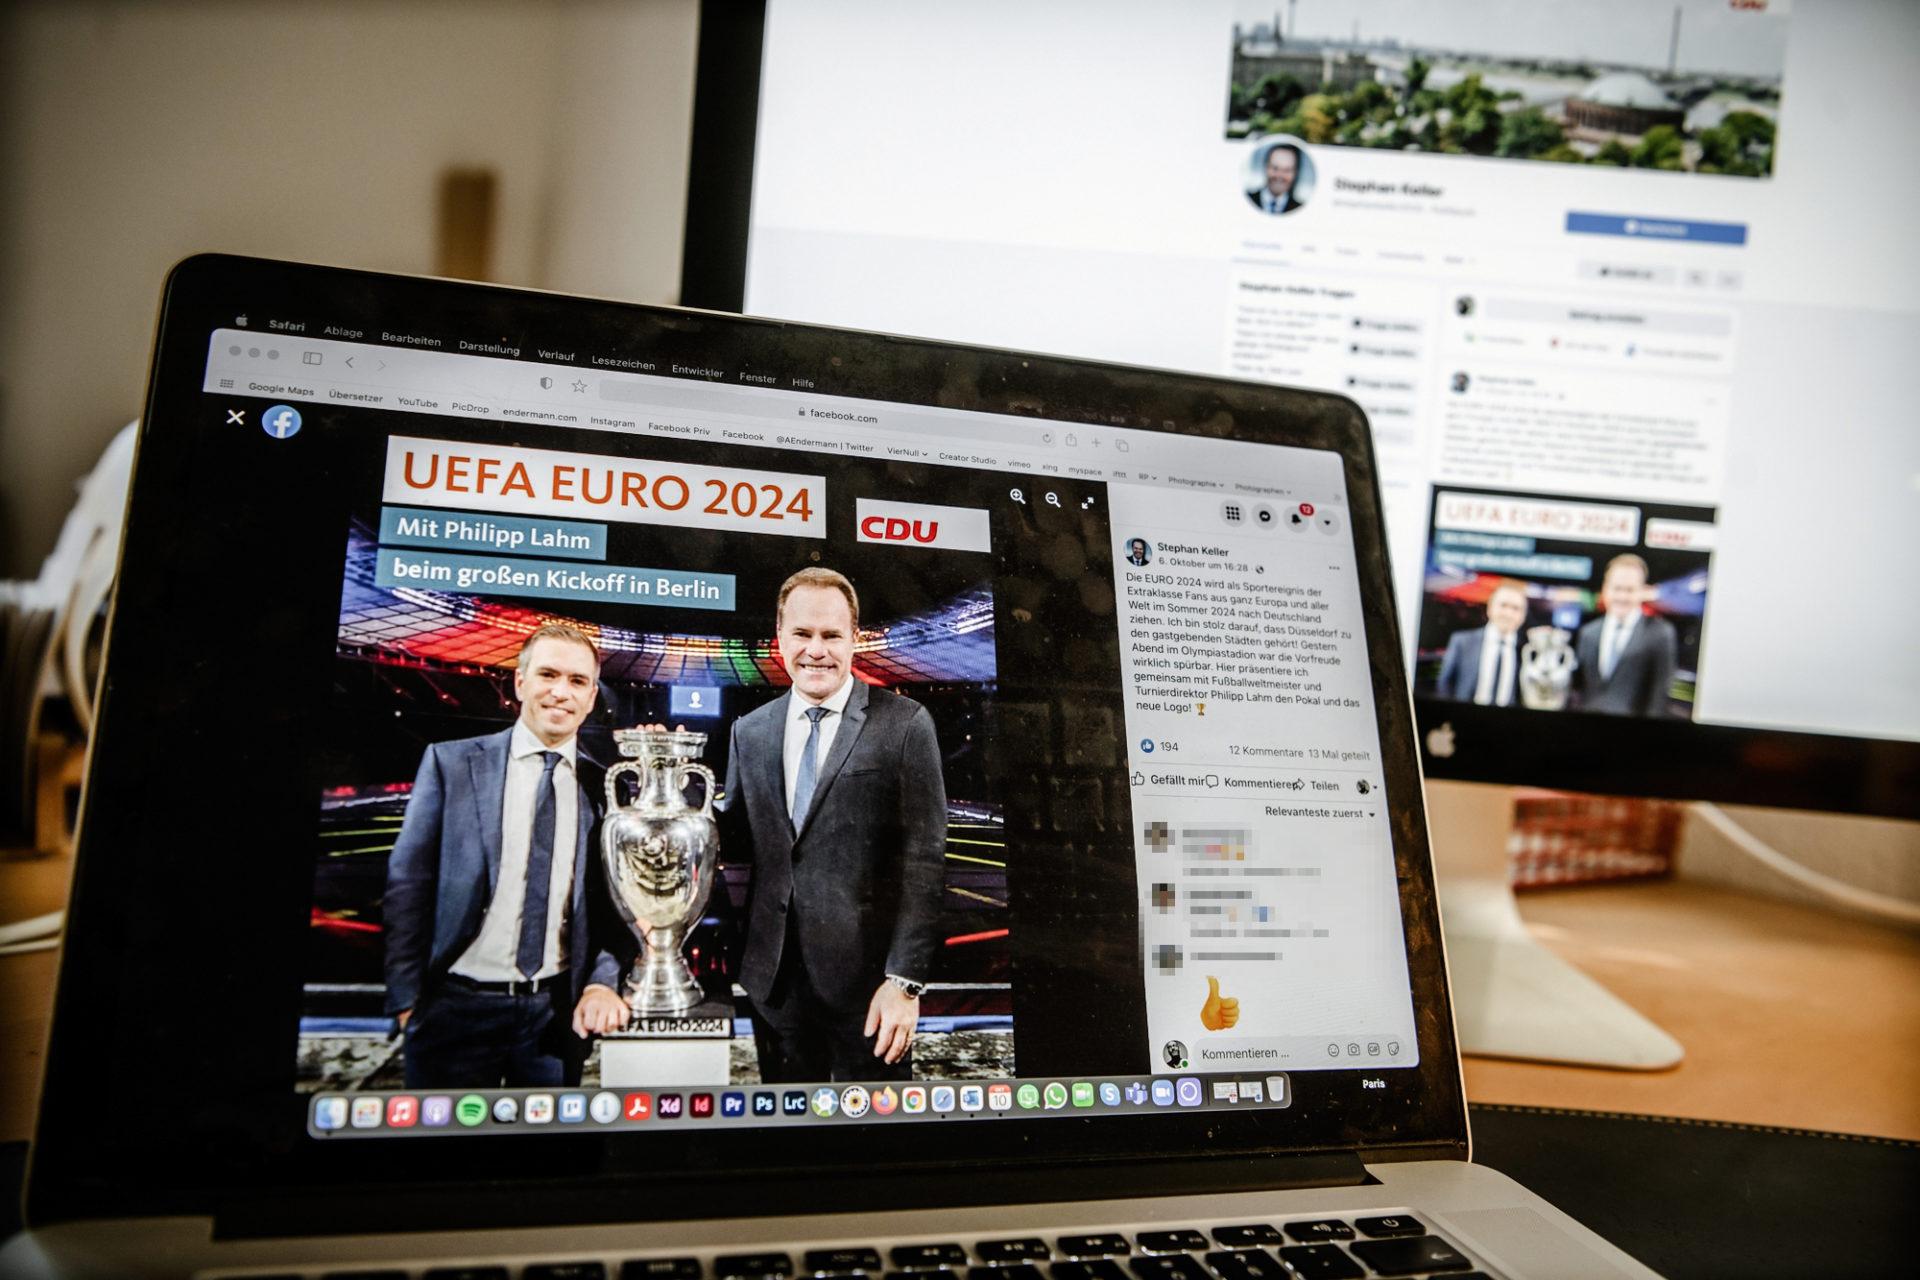 """Auf der Facebookseite """"stephankeller2020"""" ist dieses Foto des Oberbürgermeisters mit Weltmeister Philipp Lahm erschienen - und CDU-Logo. Das ist umstritten. Foto: Andreas Endermann"""